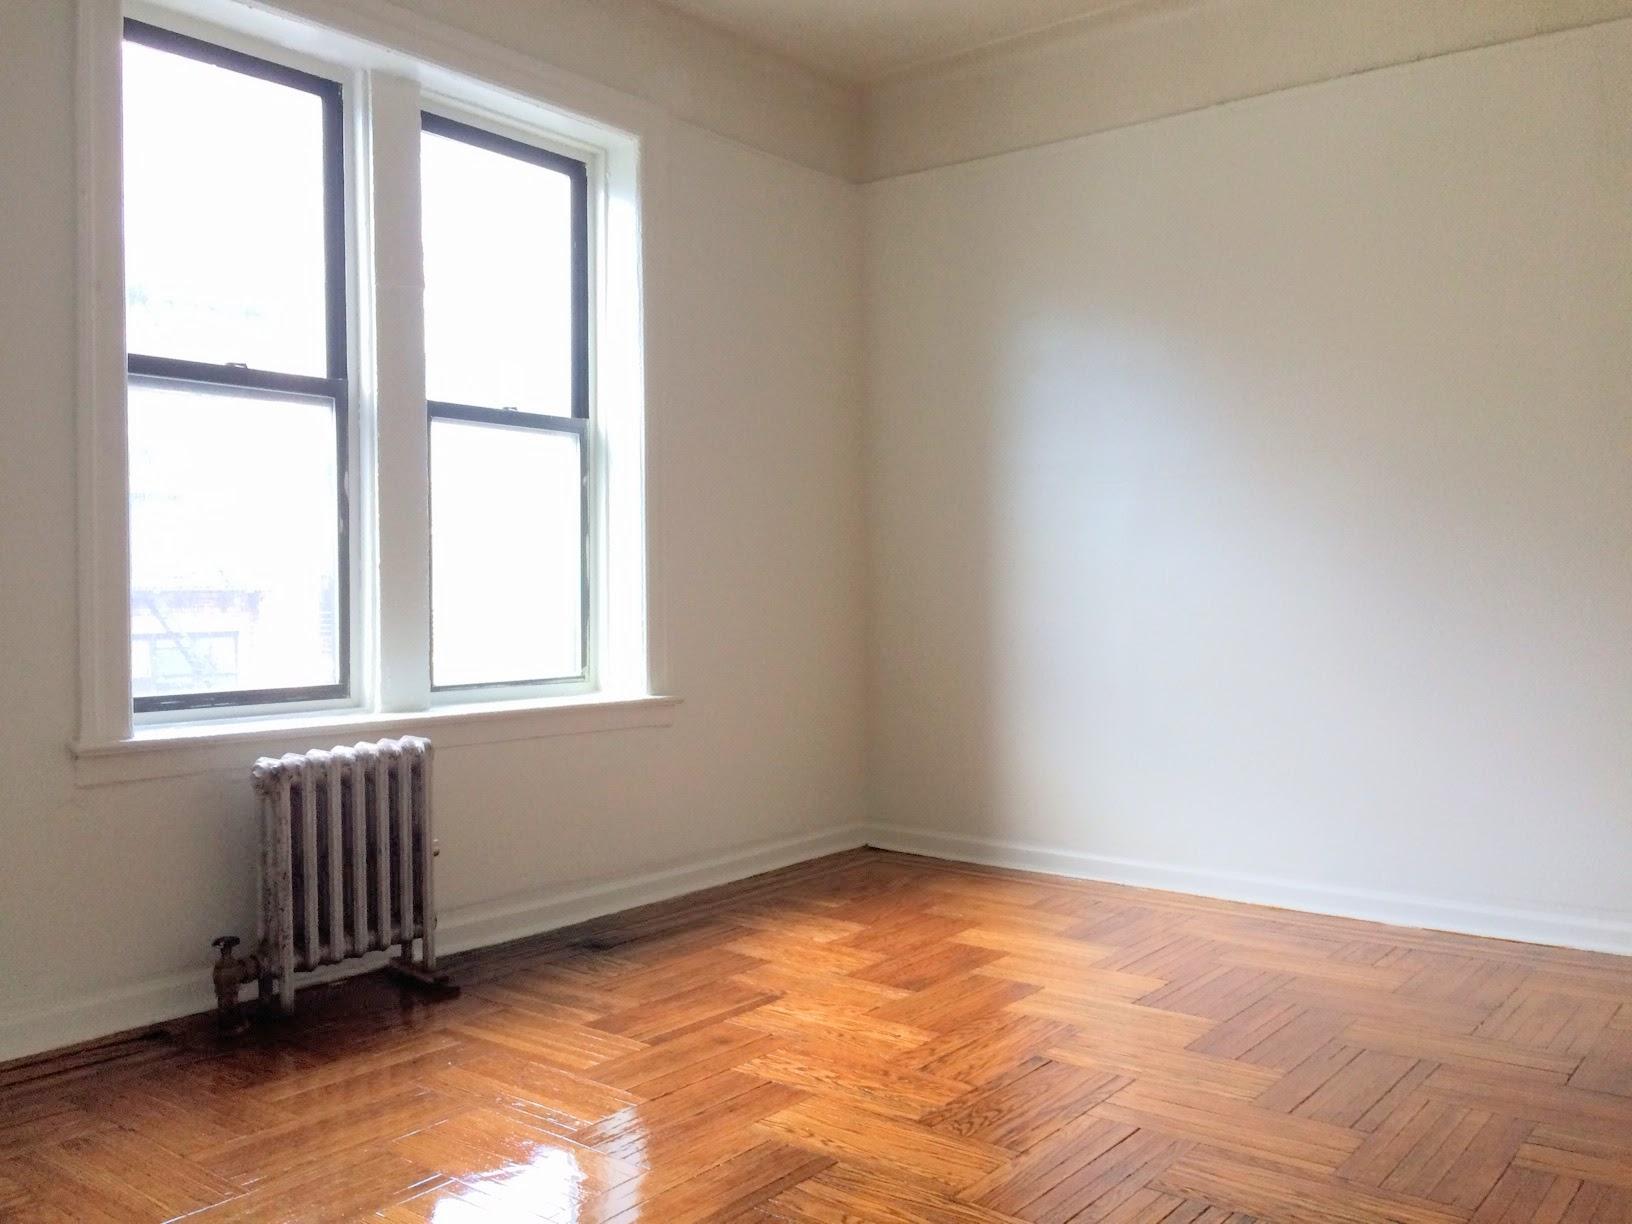 Crown Heights 2 Bedroom Rental At 277 Eastern Pkwy Brooklyn NY 11238 2K